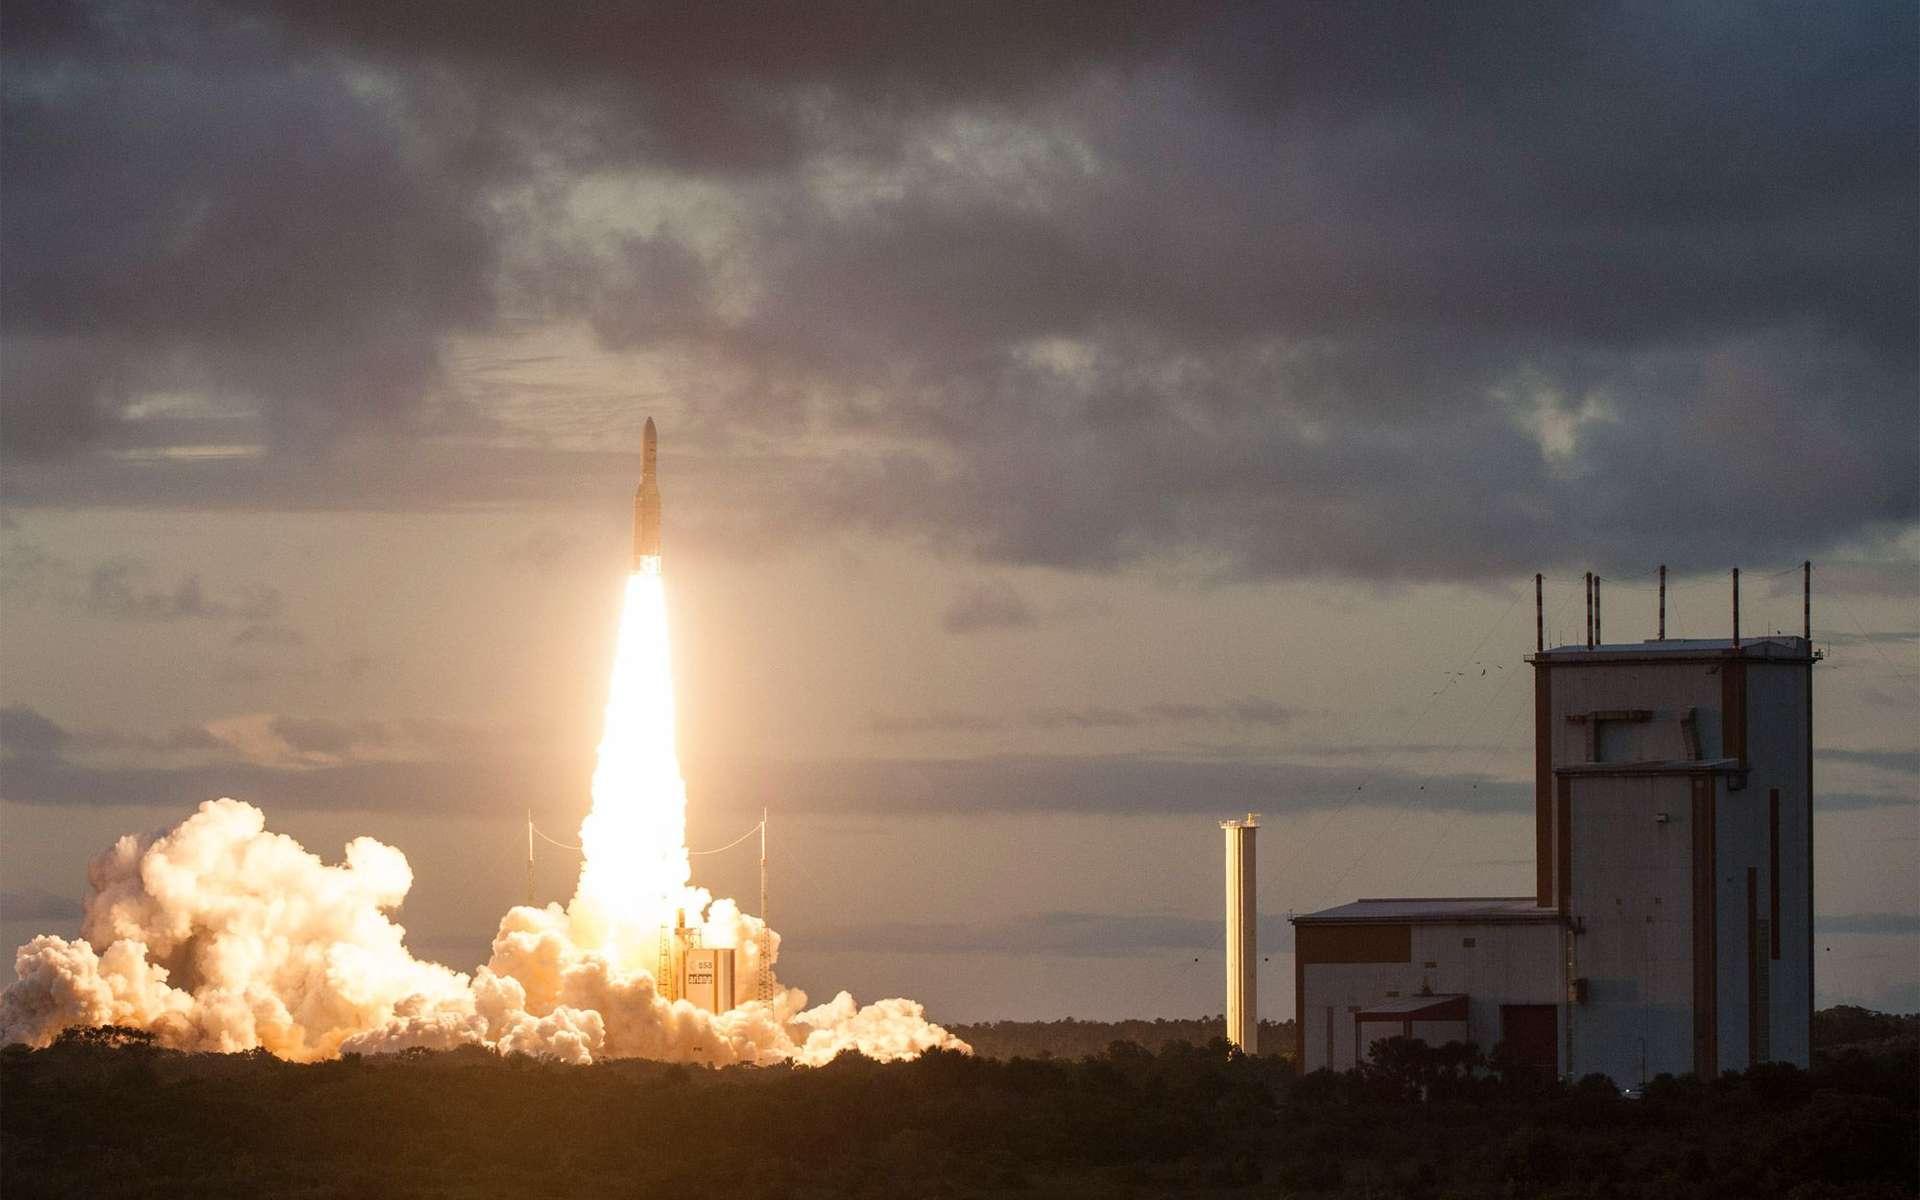 Décollage d'Ariane 5 pour la deux-cent-trentième mission d'un lanceur Ariane. Deux satellites ont été mis en orbite de transfert géostationnaire. © Esa, Cnes, Arianespace / Service Optique CSG